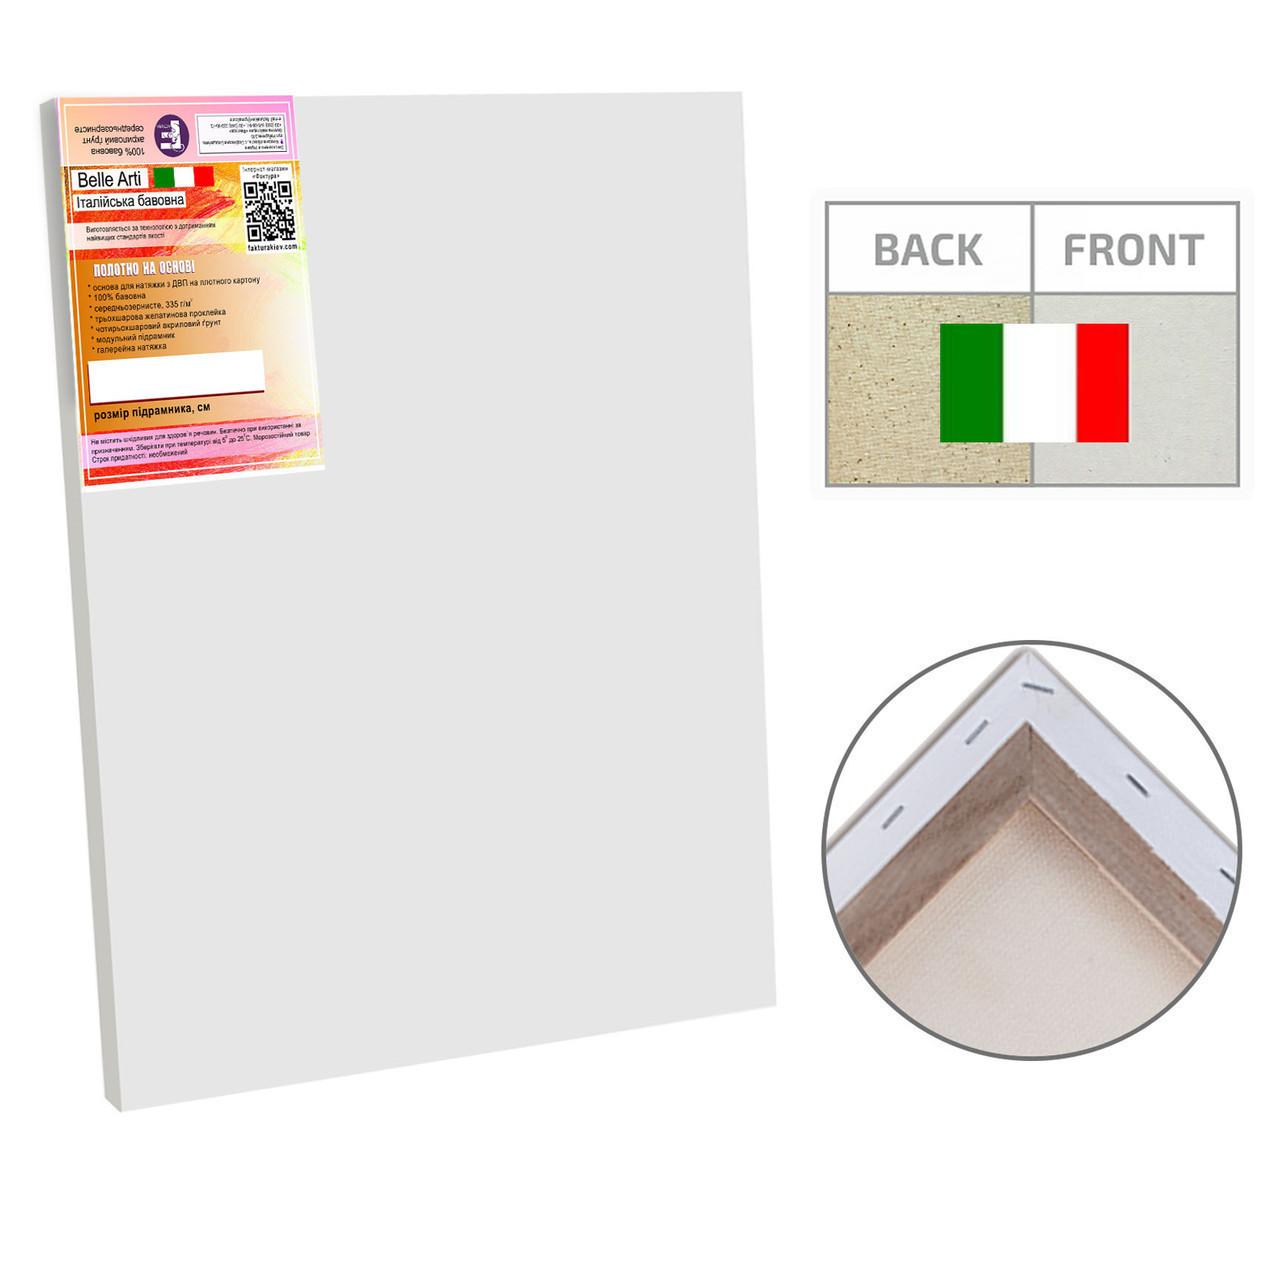 Холст на подрамнике Factura BelleArti 60х70 см Итальянский хлопок 285 грамм кв.м. среднее зерно белый, фото 1